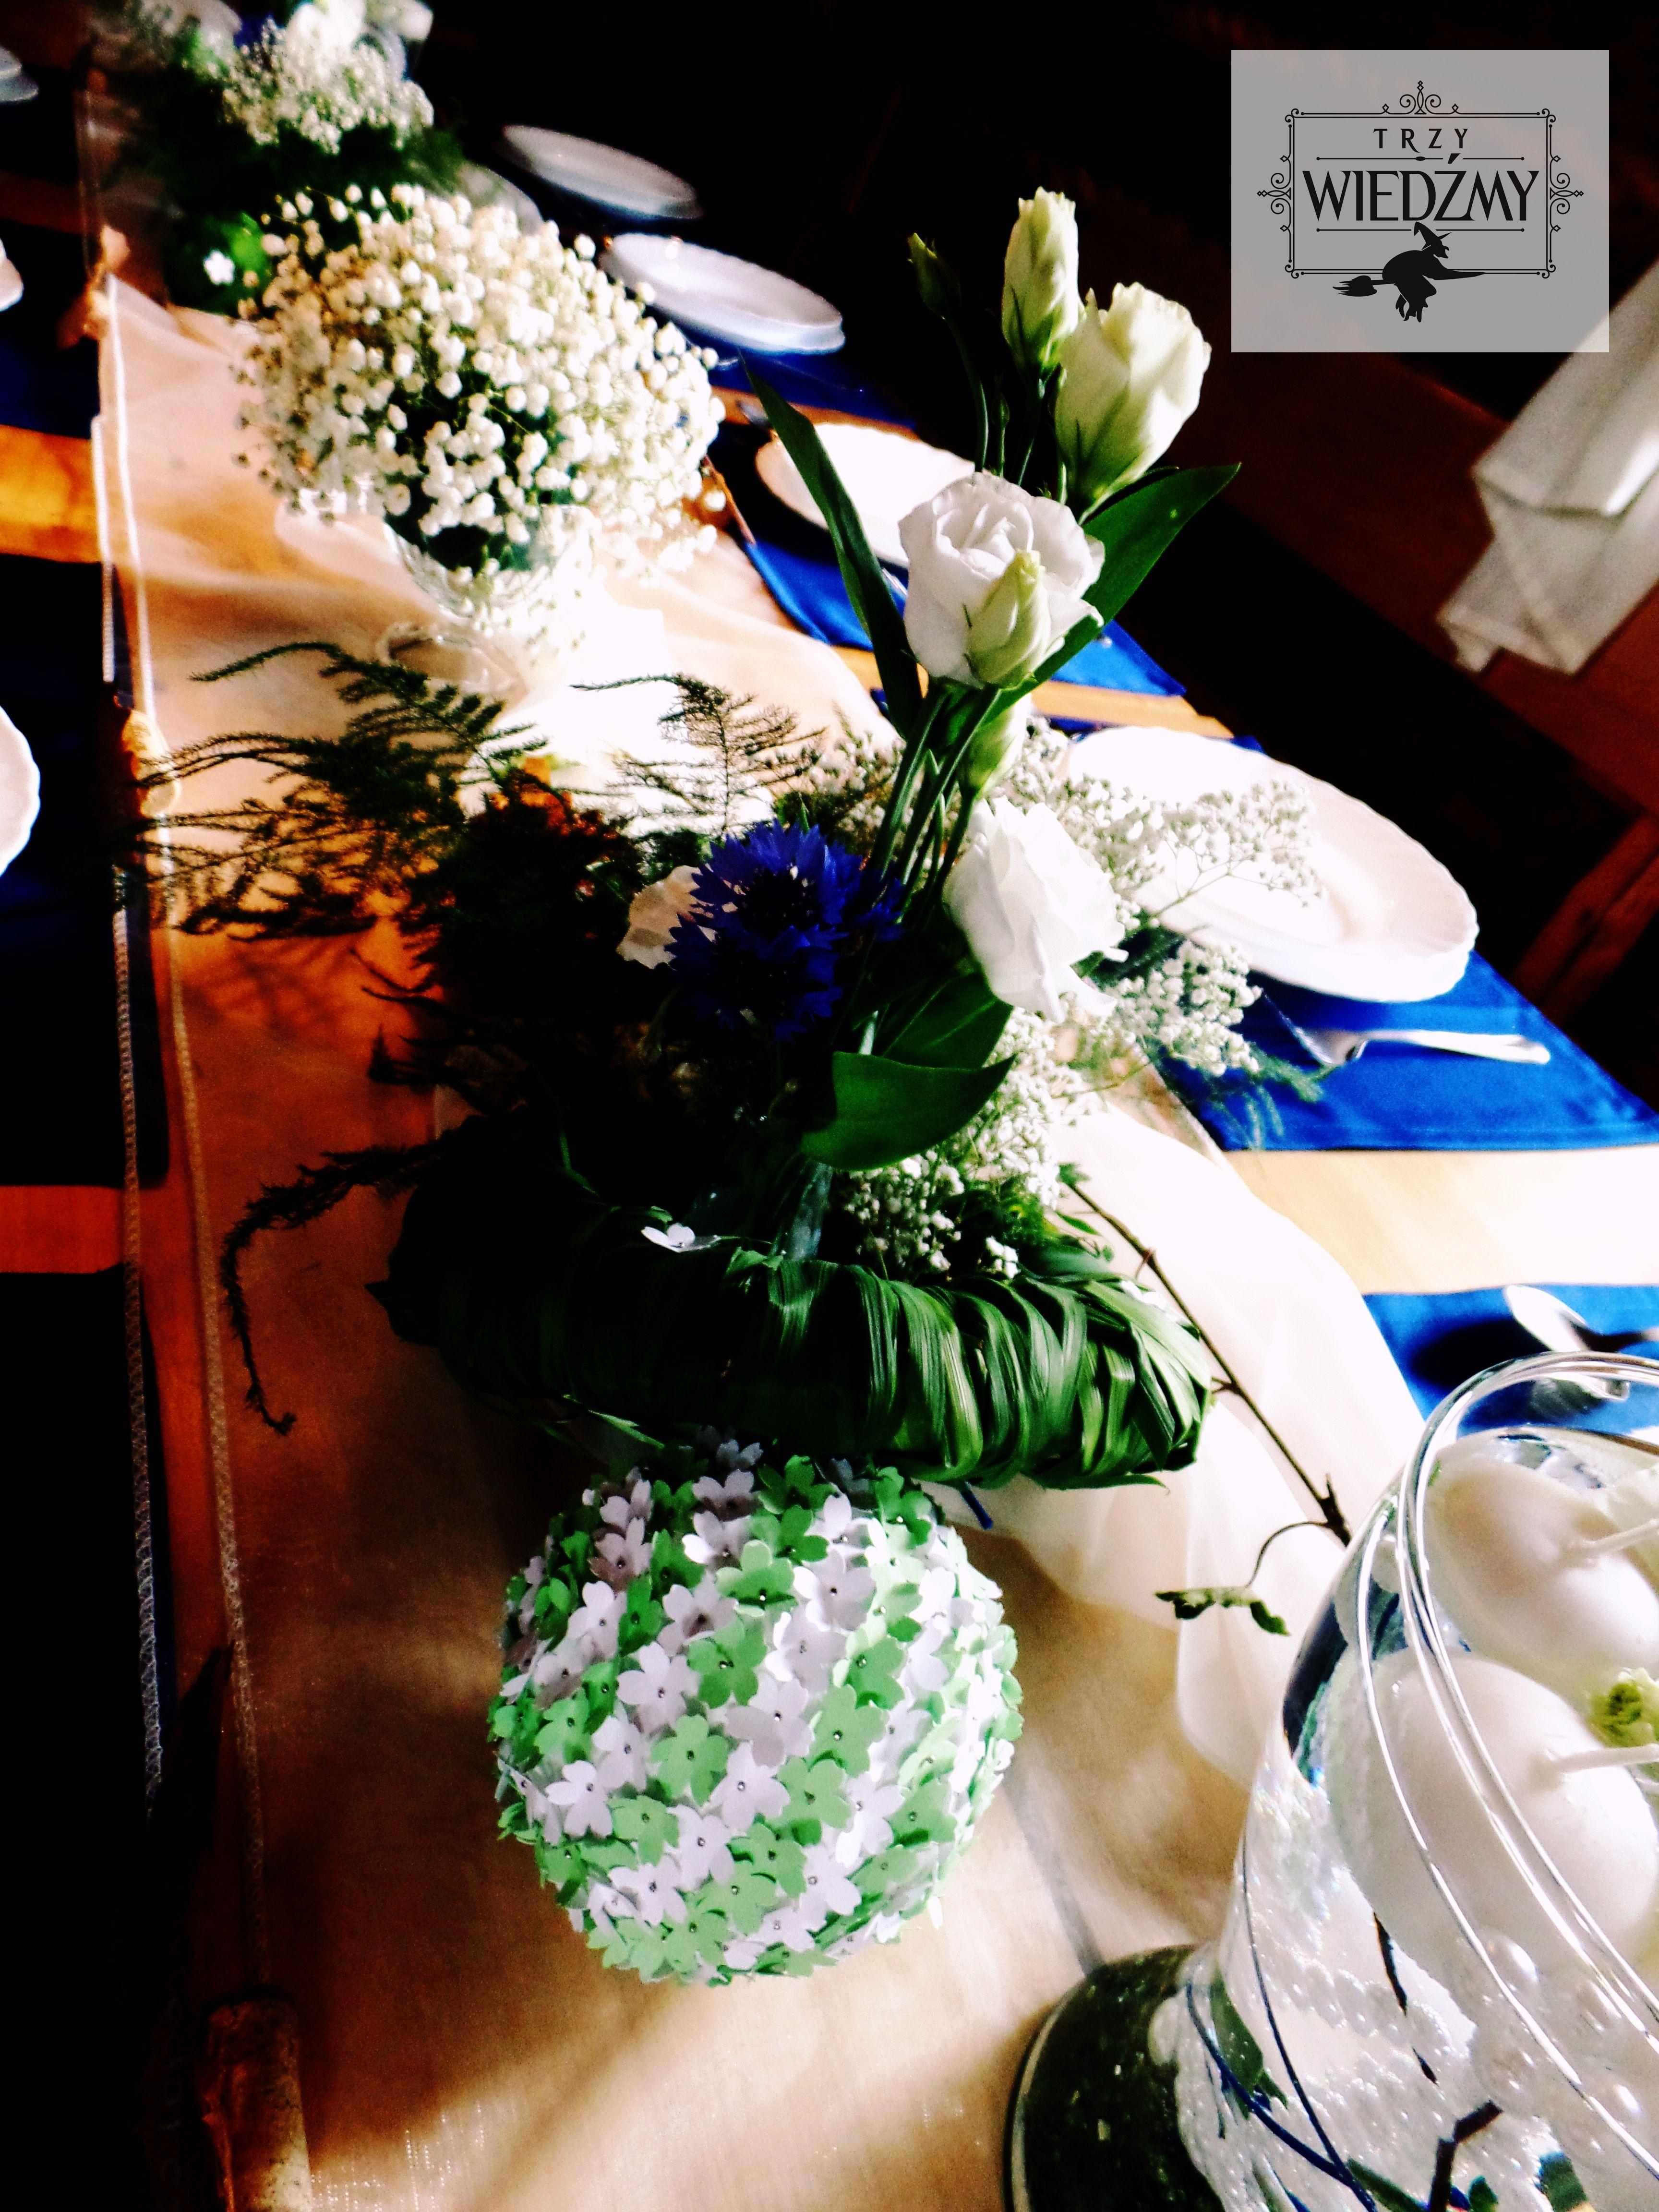 Dekoracja Stolu Weselnego Bukiet Bialych Kwiatow Kwiatowe Kulki Papierowe Wykonane Metoda Zrob To Sam Zatopione Biale Table Decorations Decor Our Wedding